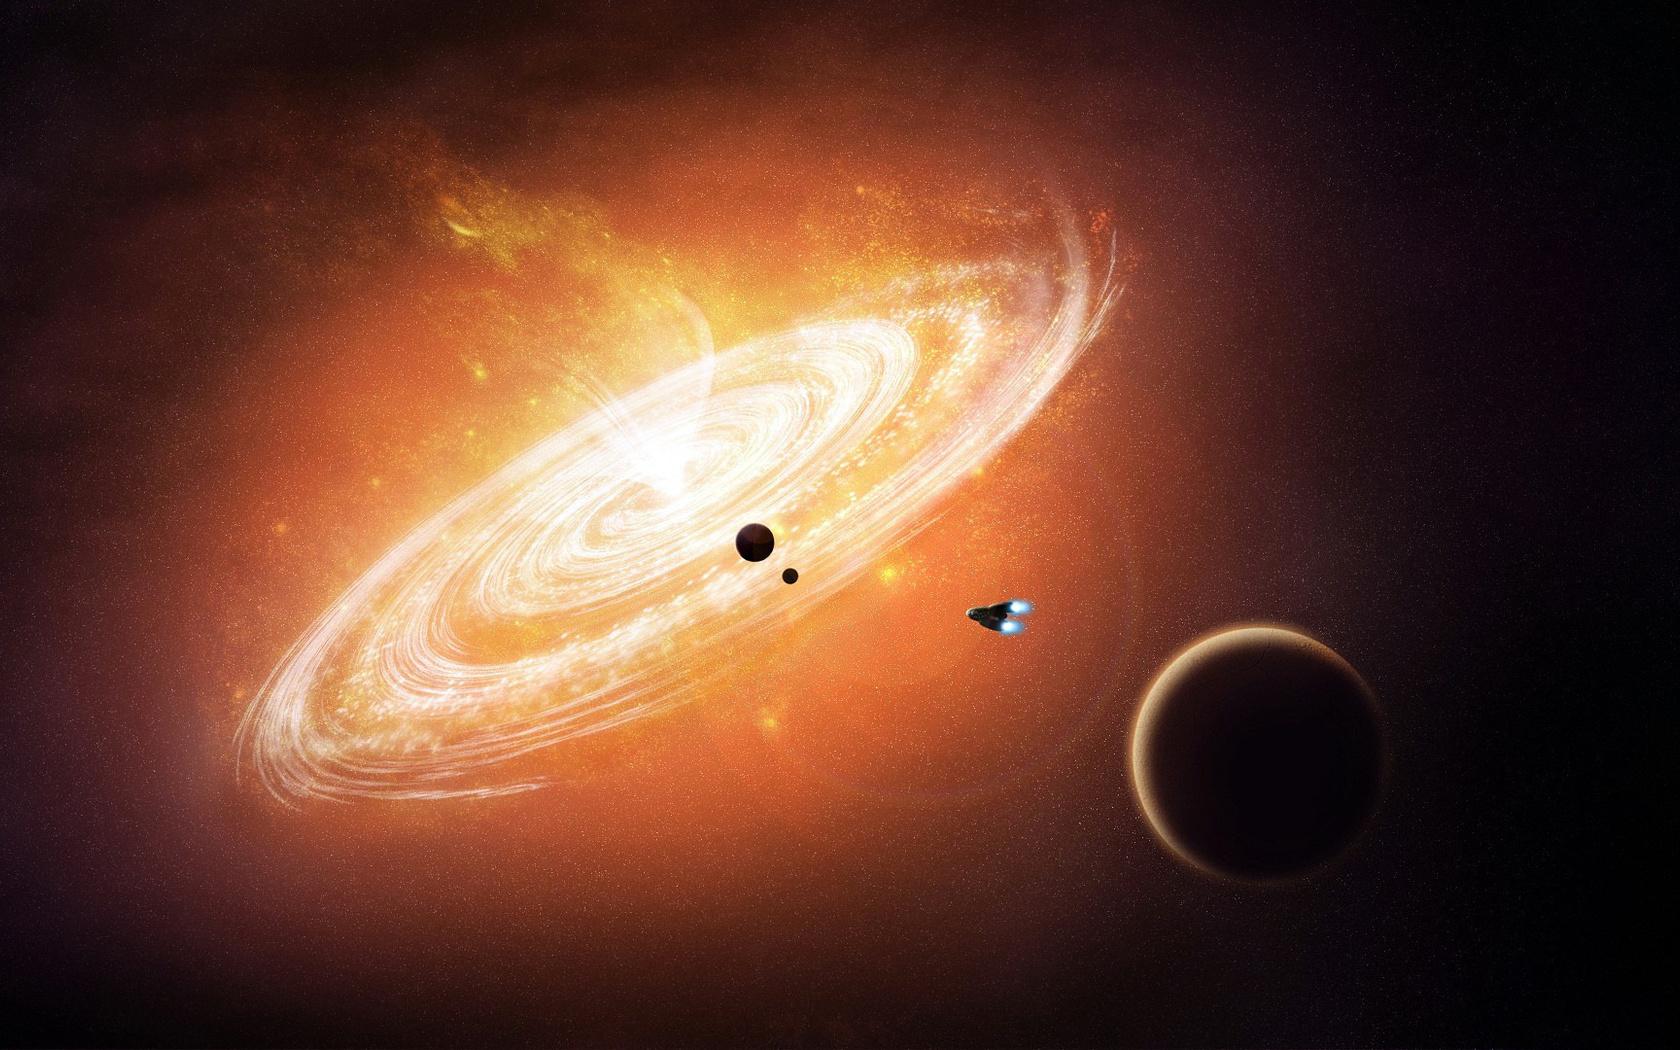 популярных картинки космос и планеты и черная дыра кого была